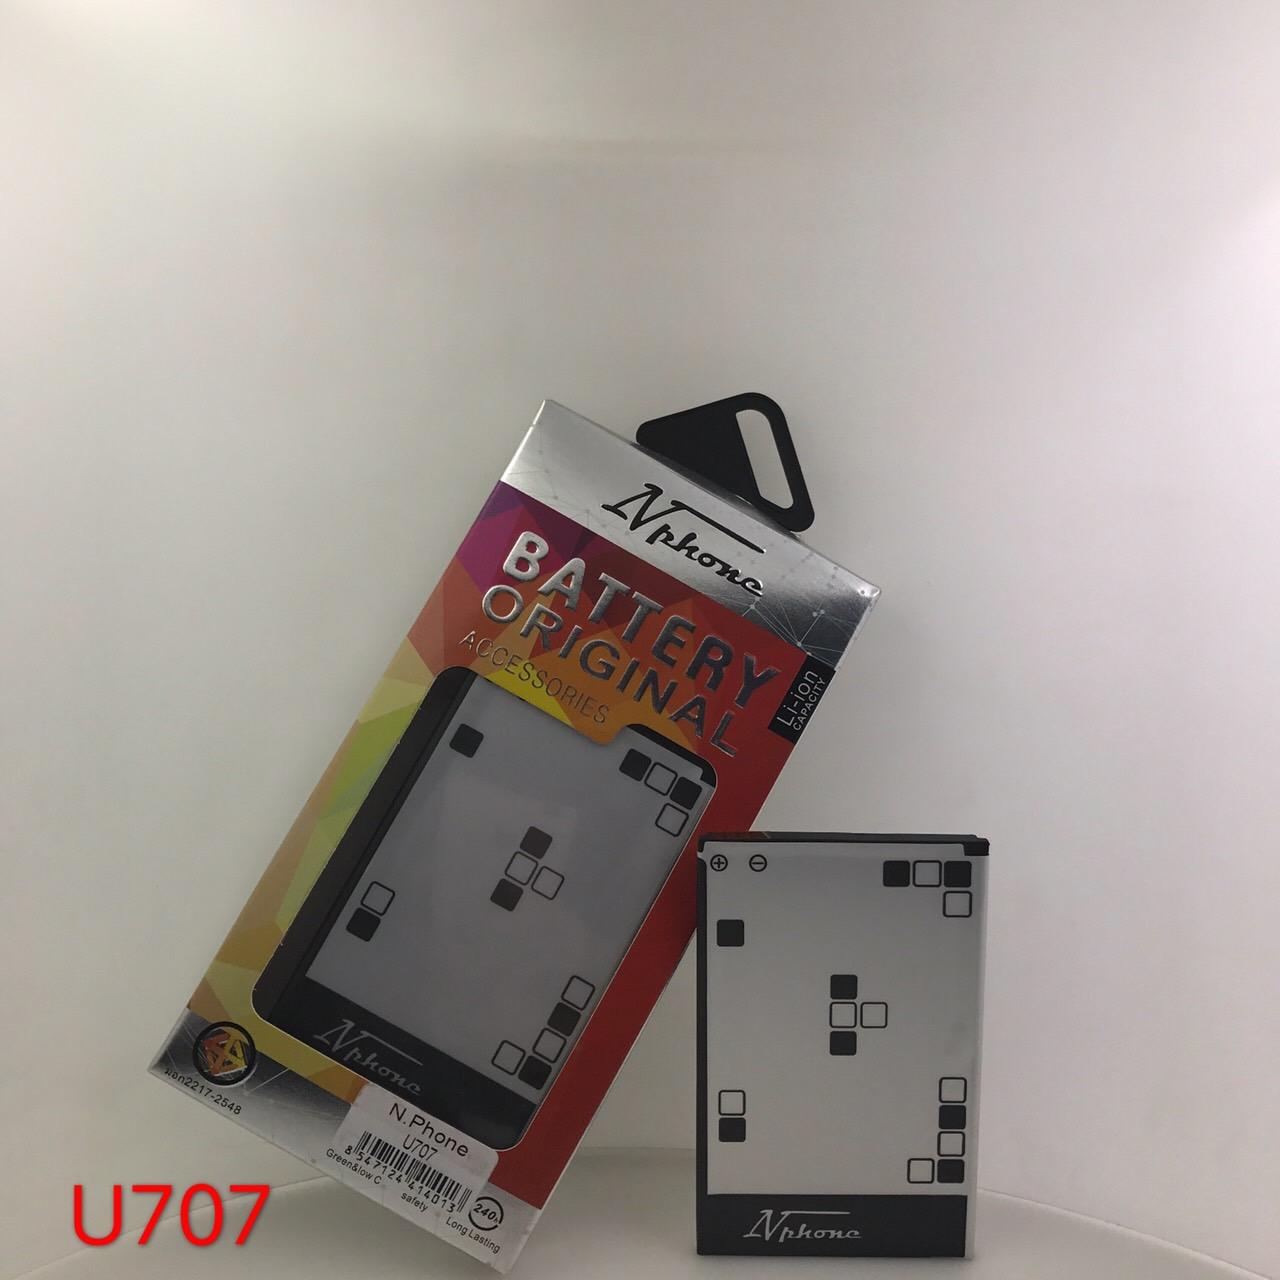 แบตเตอรี่ OPPO U707 // BLP-553